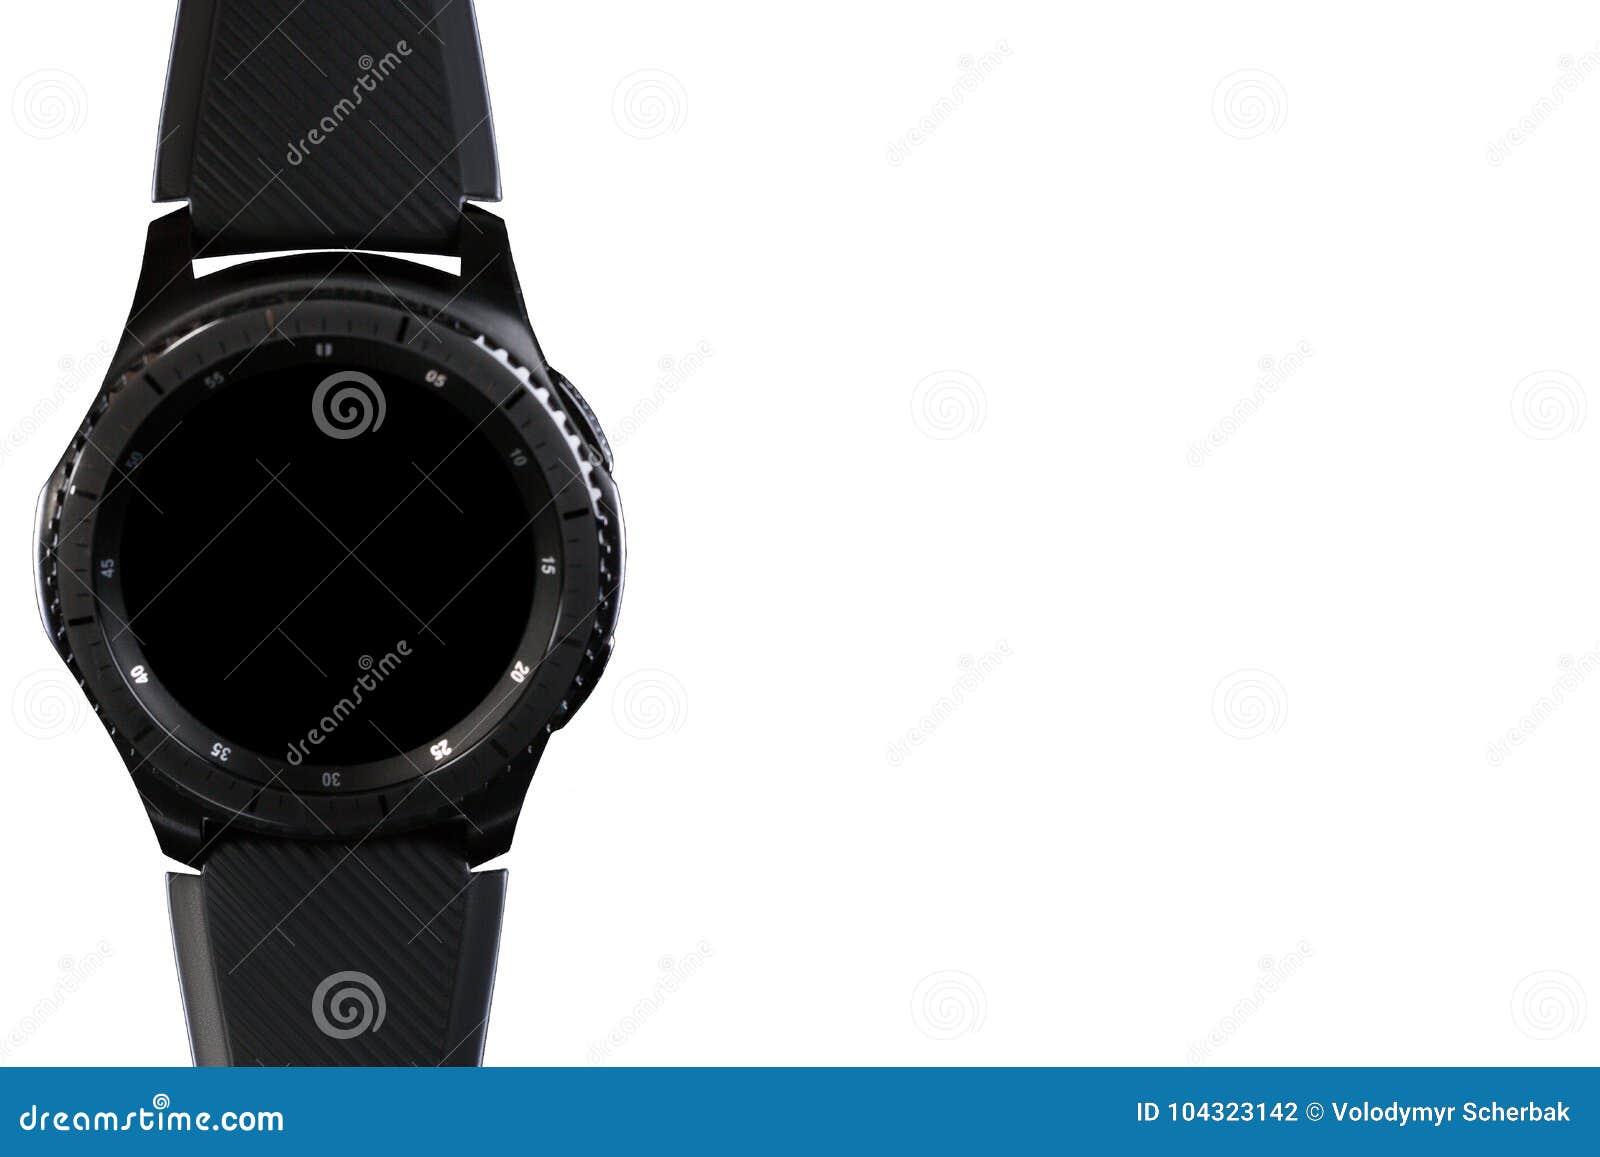 Relógio esperto com um seletor vazio em um fundo branco